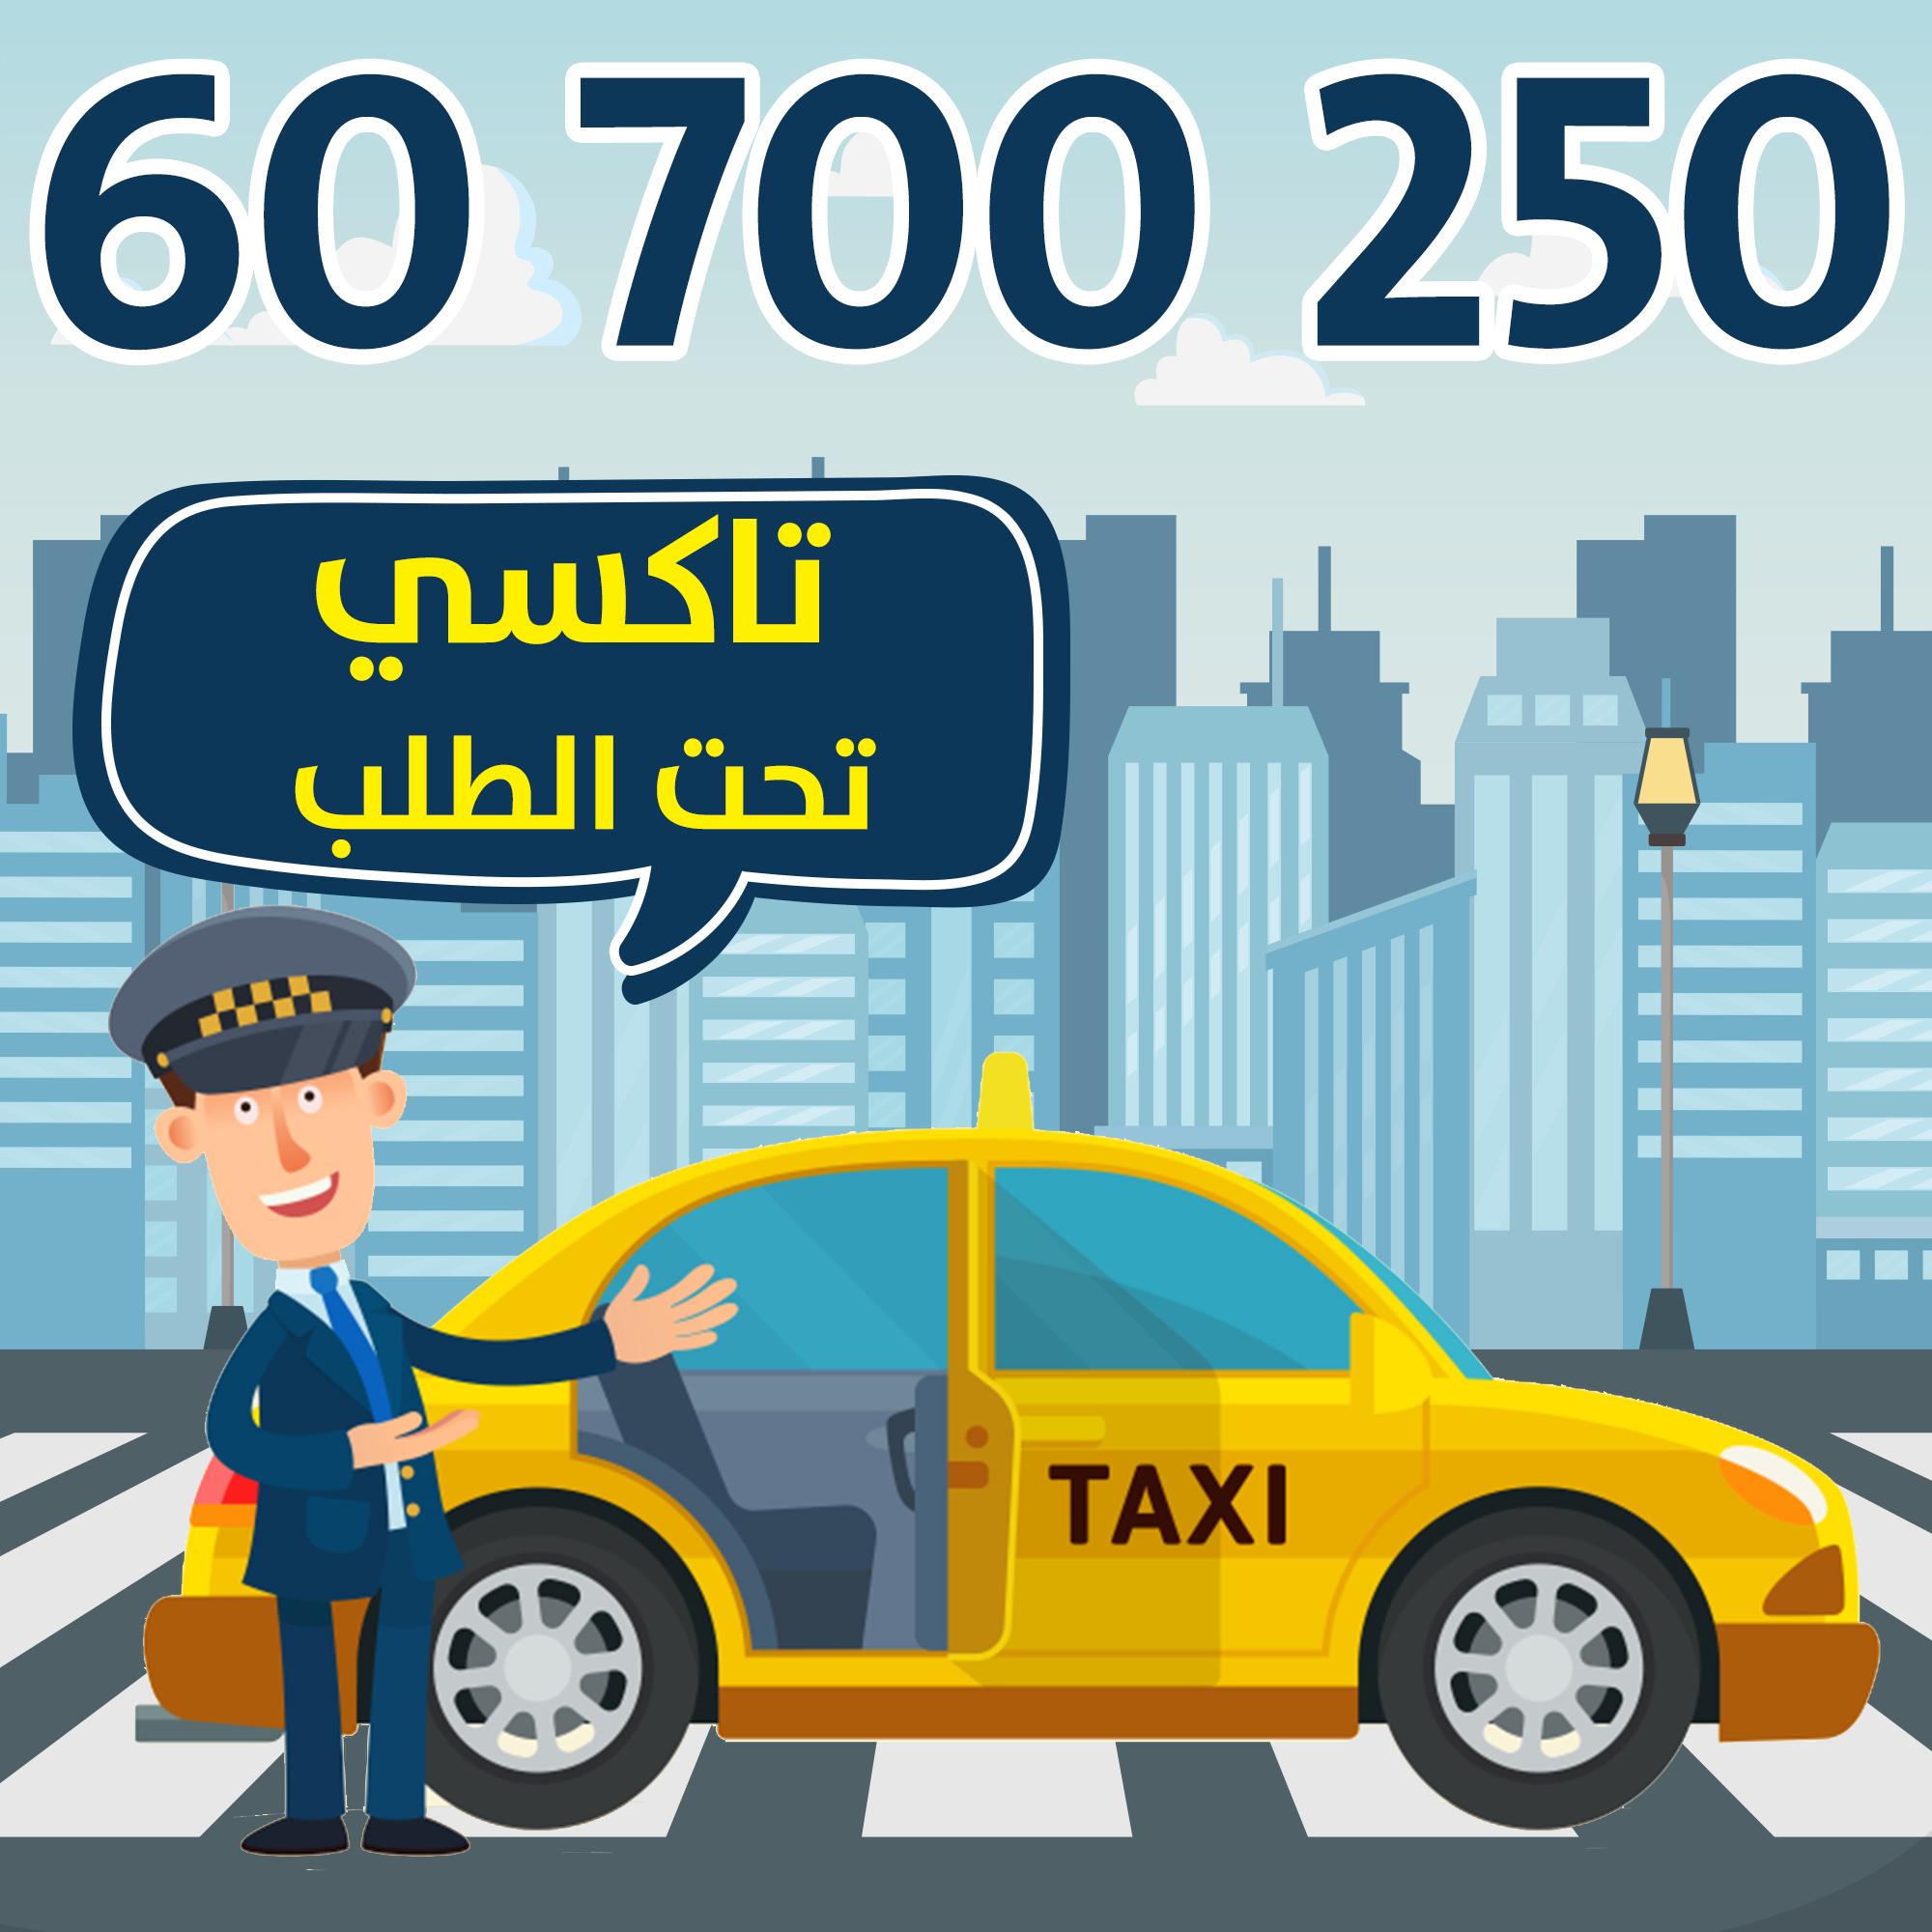 تاكسي توصيلة في شارع مسقط